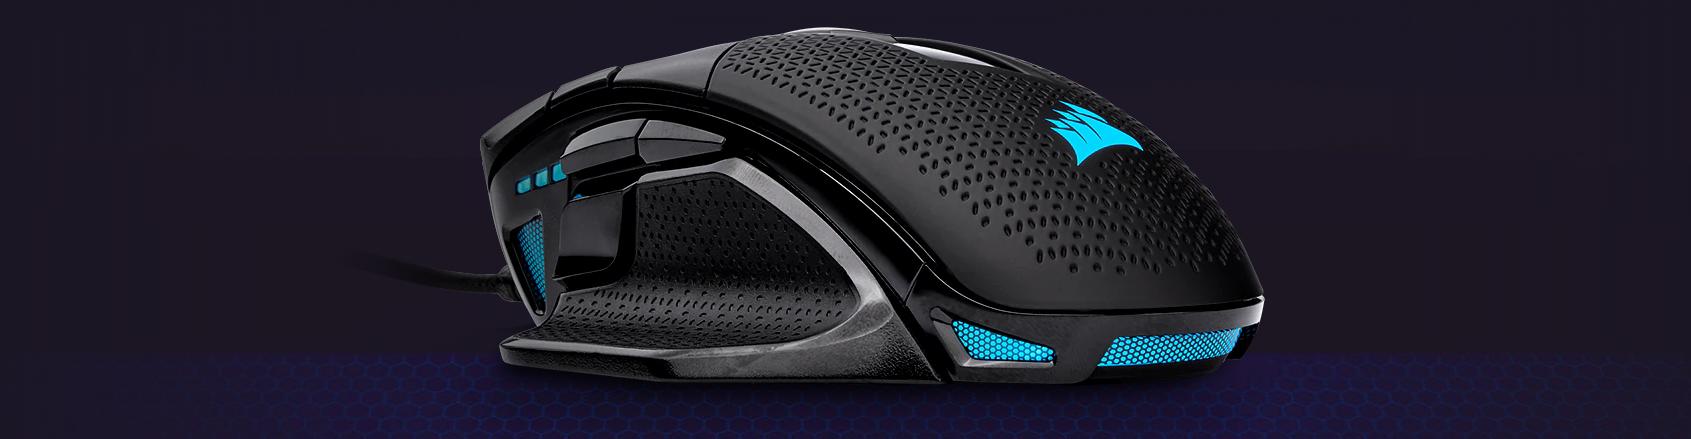 Chuột Corsair Nightsword RGB (CH-9306011-AP)có thiết kế cầm nắm thoải mái